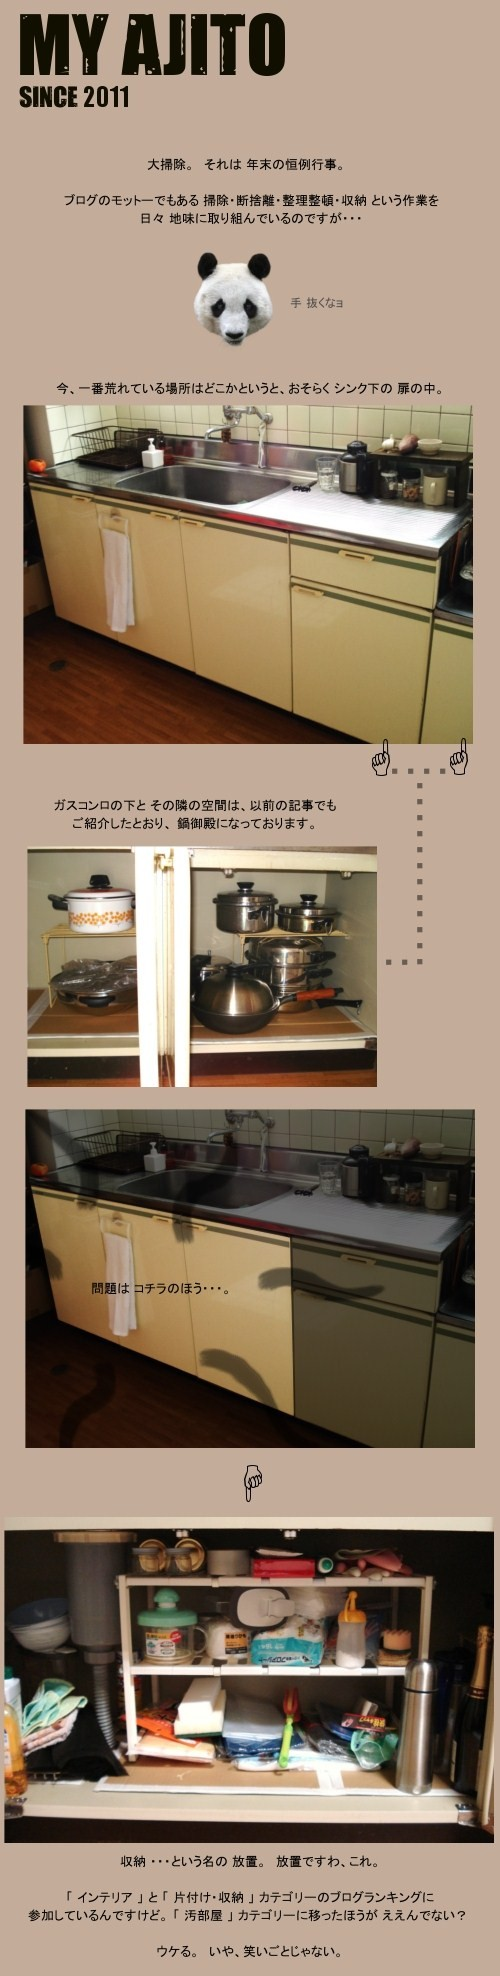 shinkushita1.jpg